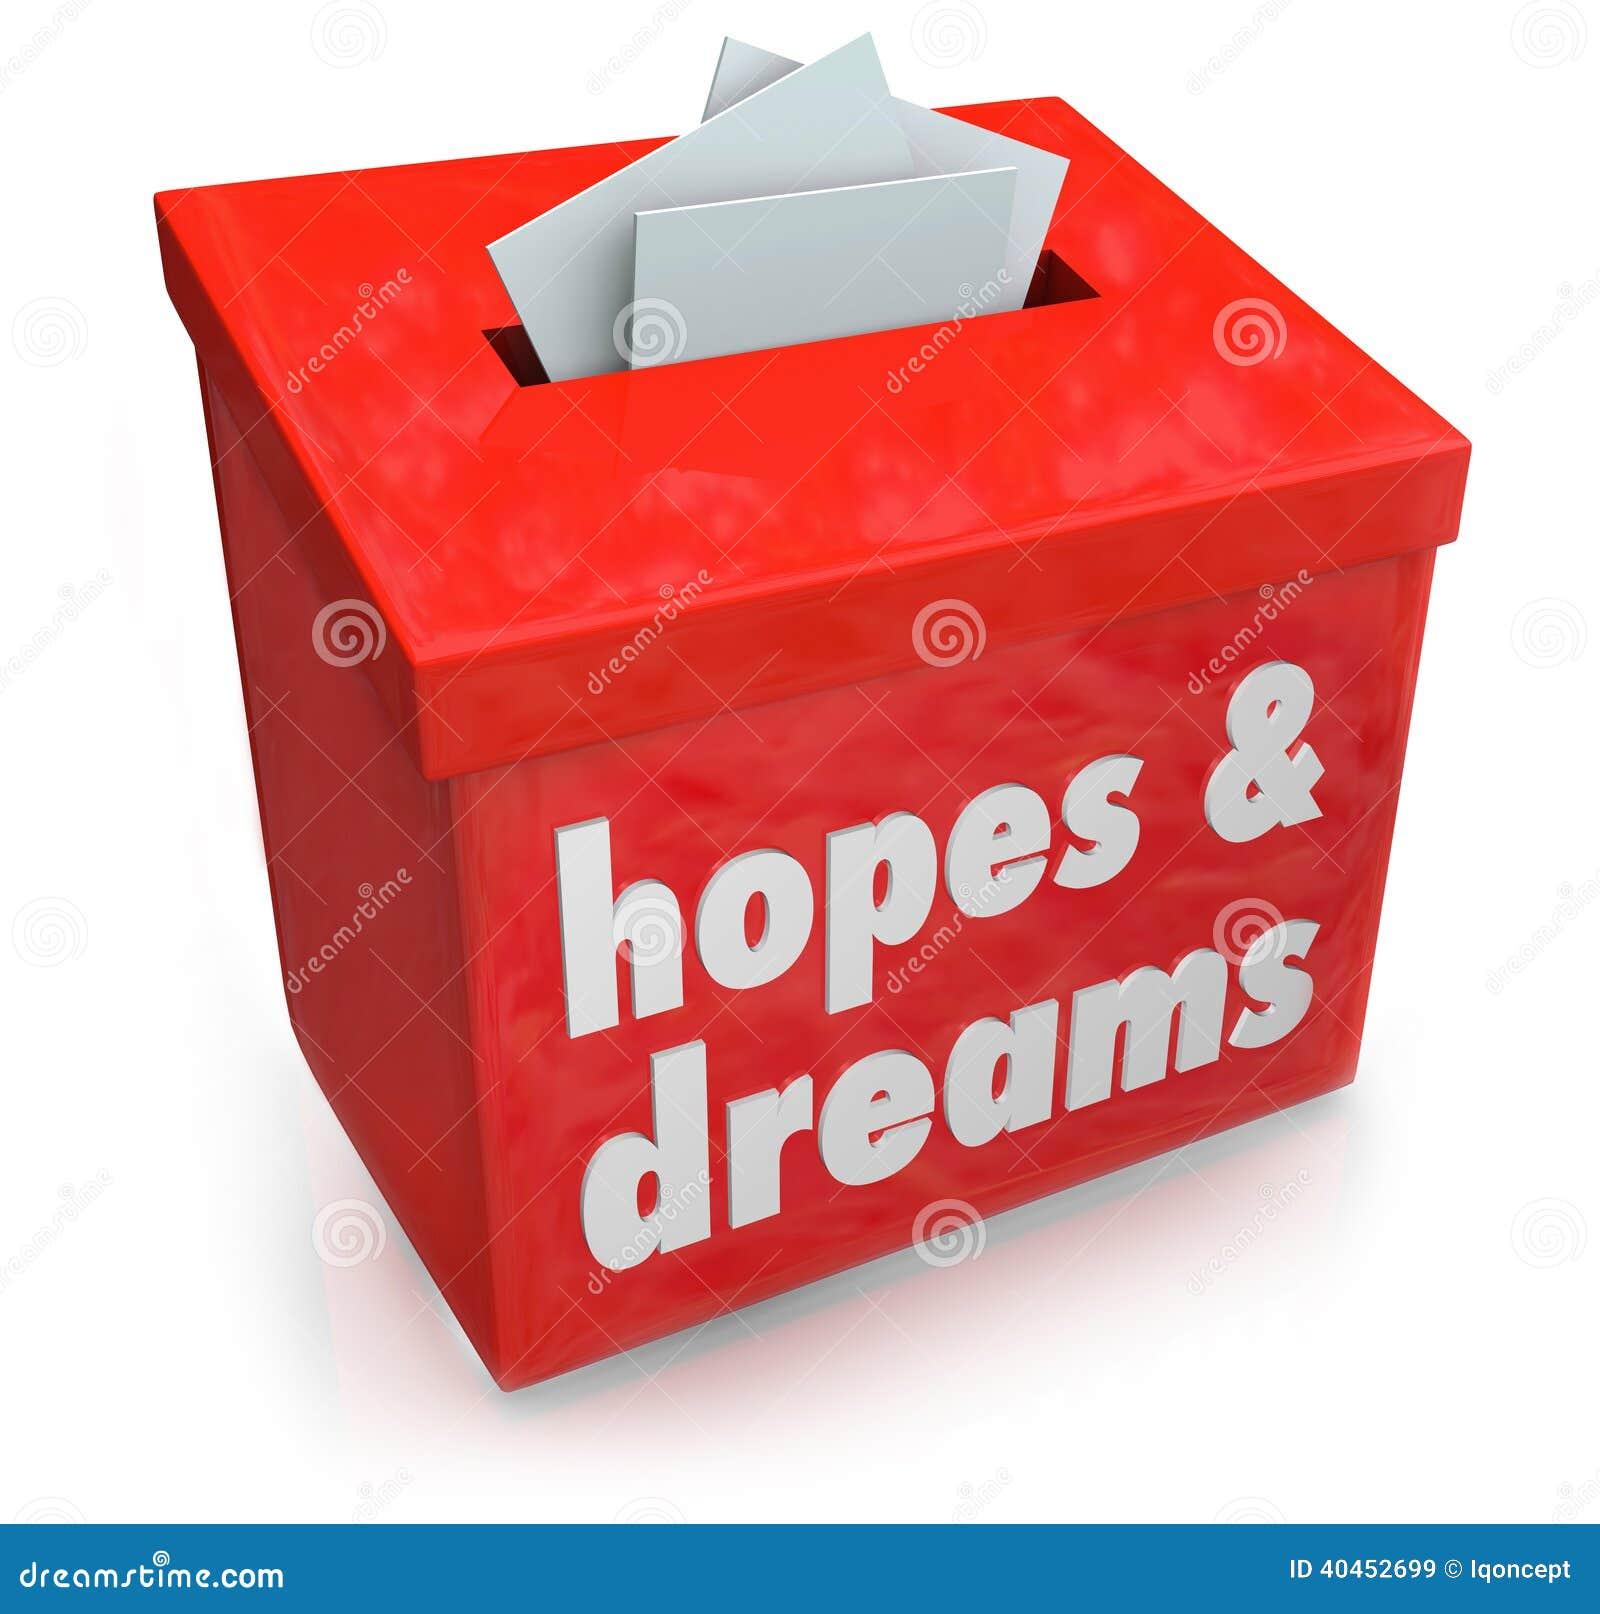 Der Hoffnungs-Traum-Kasten, der Wünsche sammelt, wünscht sehnsüchtigen Ehrgeiz